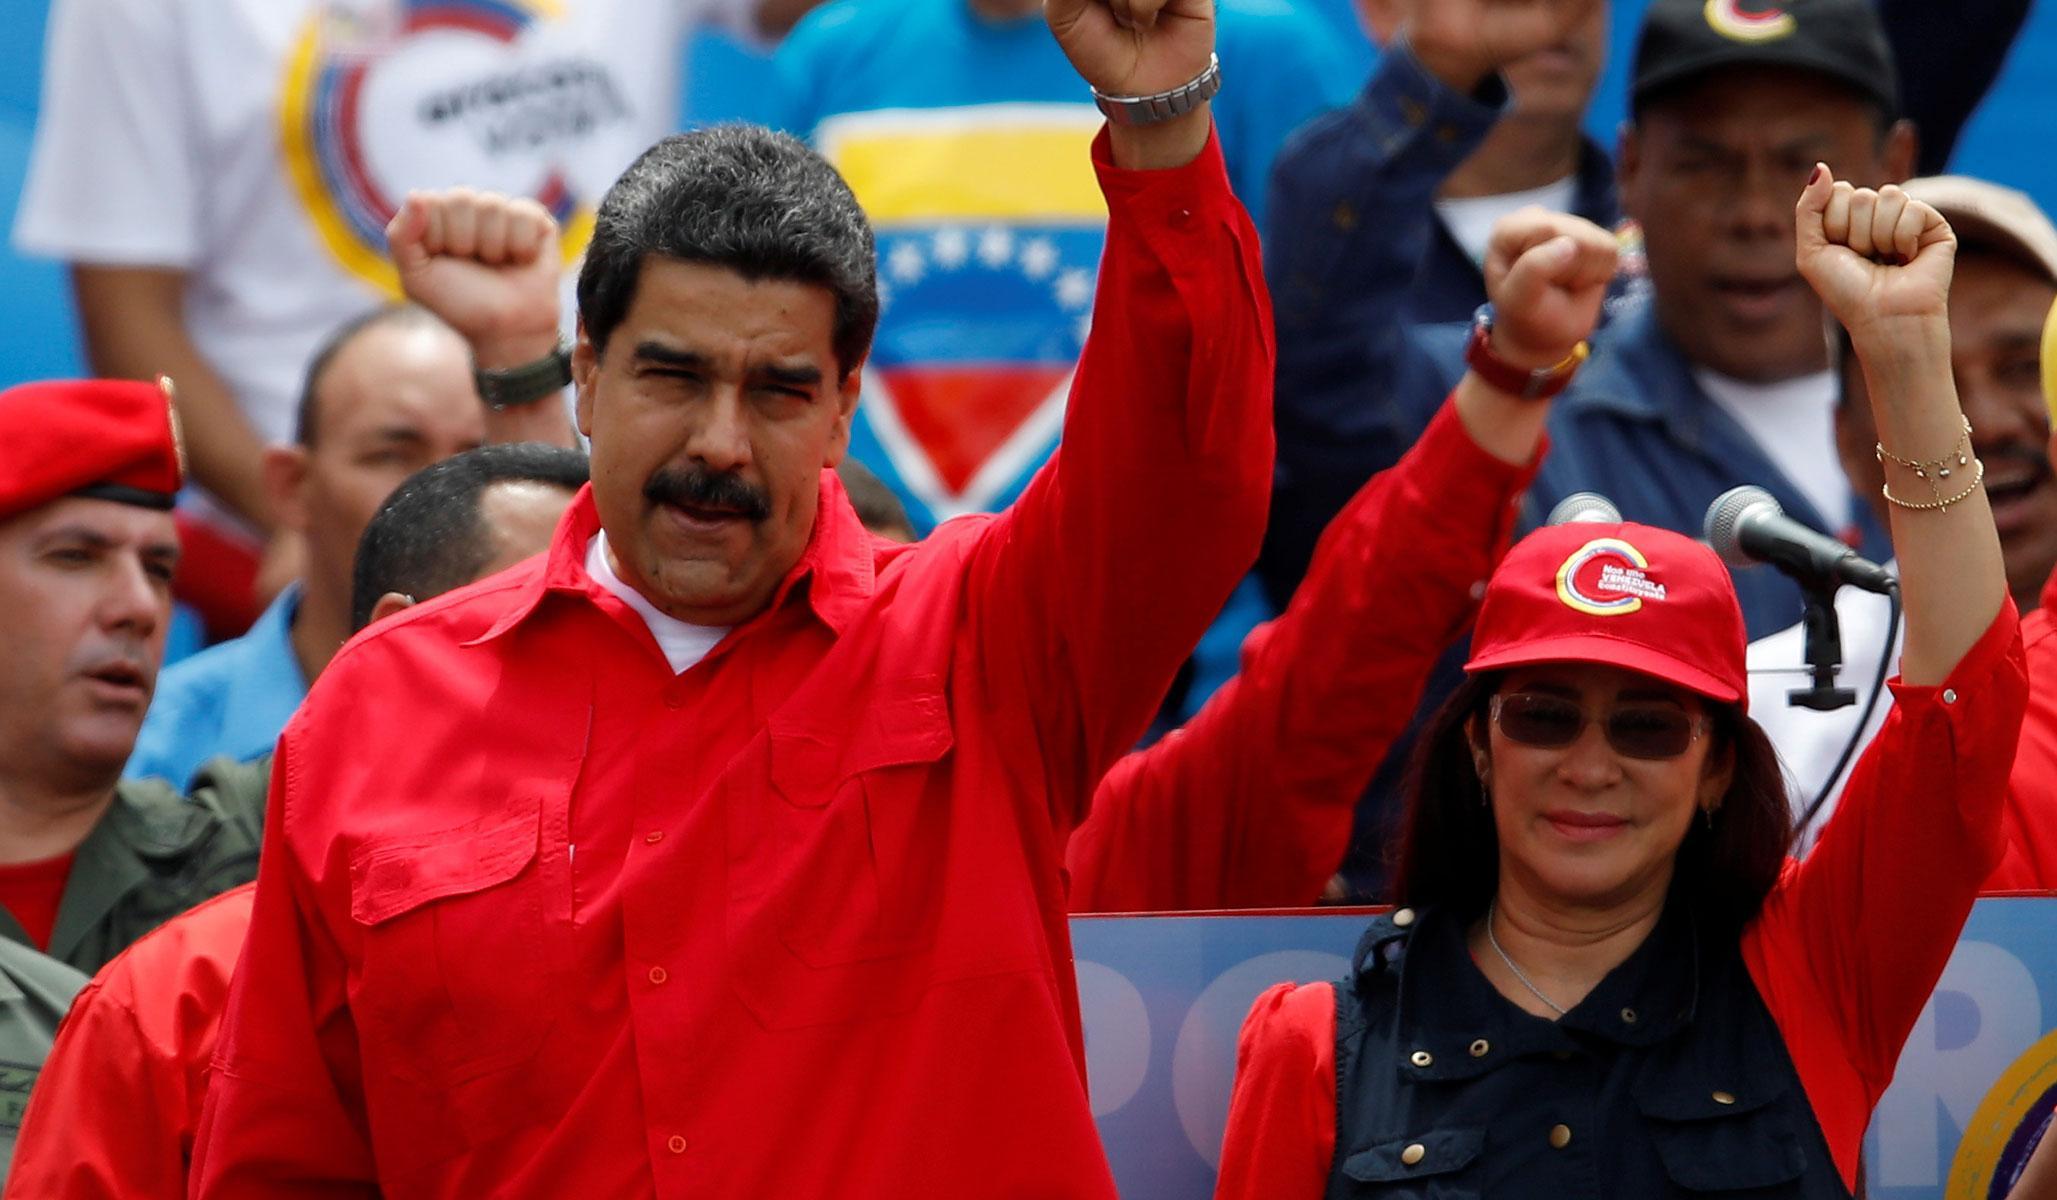 Venezuela'da eyalet seçimleri tamamlandı, zafer Maduro'nun!